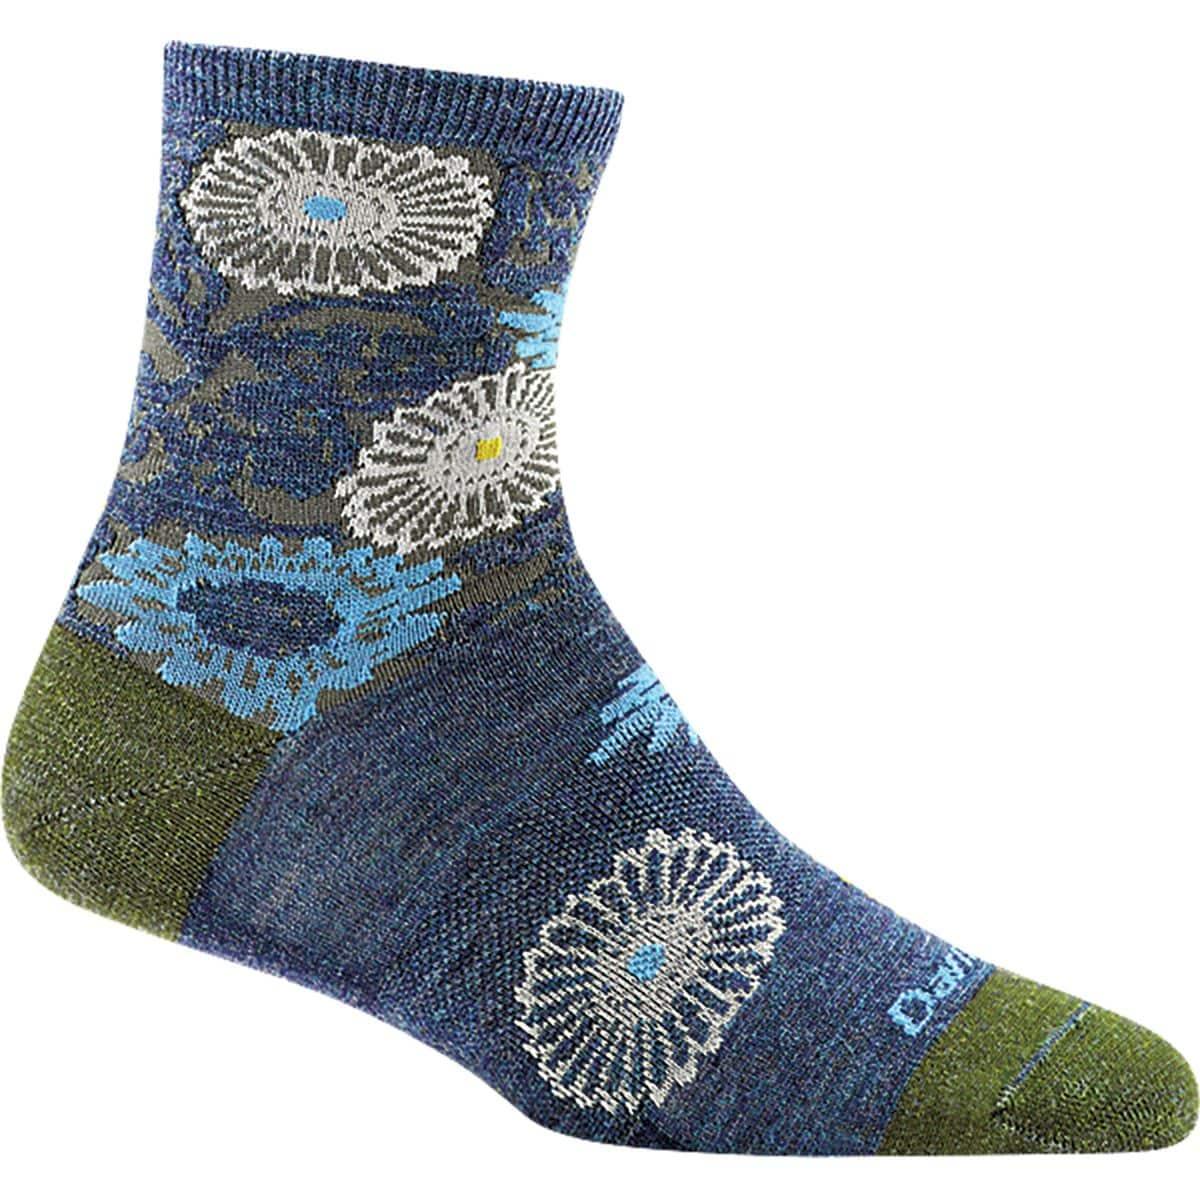 Floral Shorty Light Sock - Women